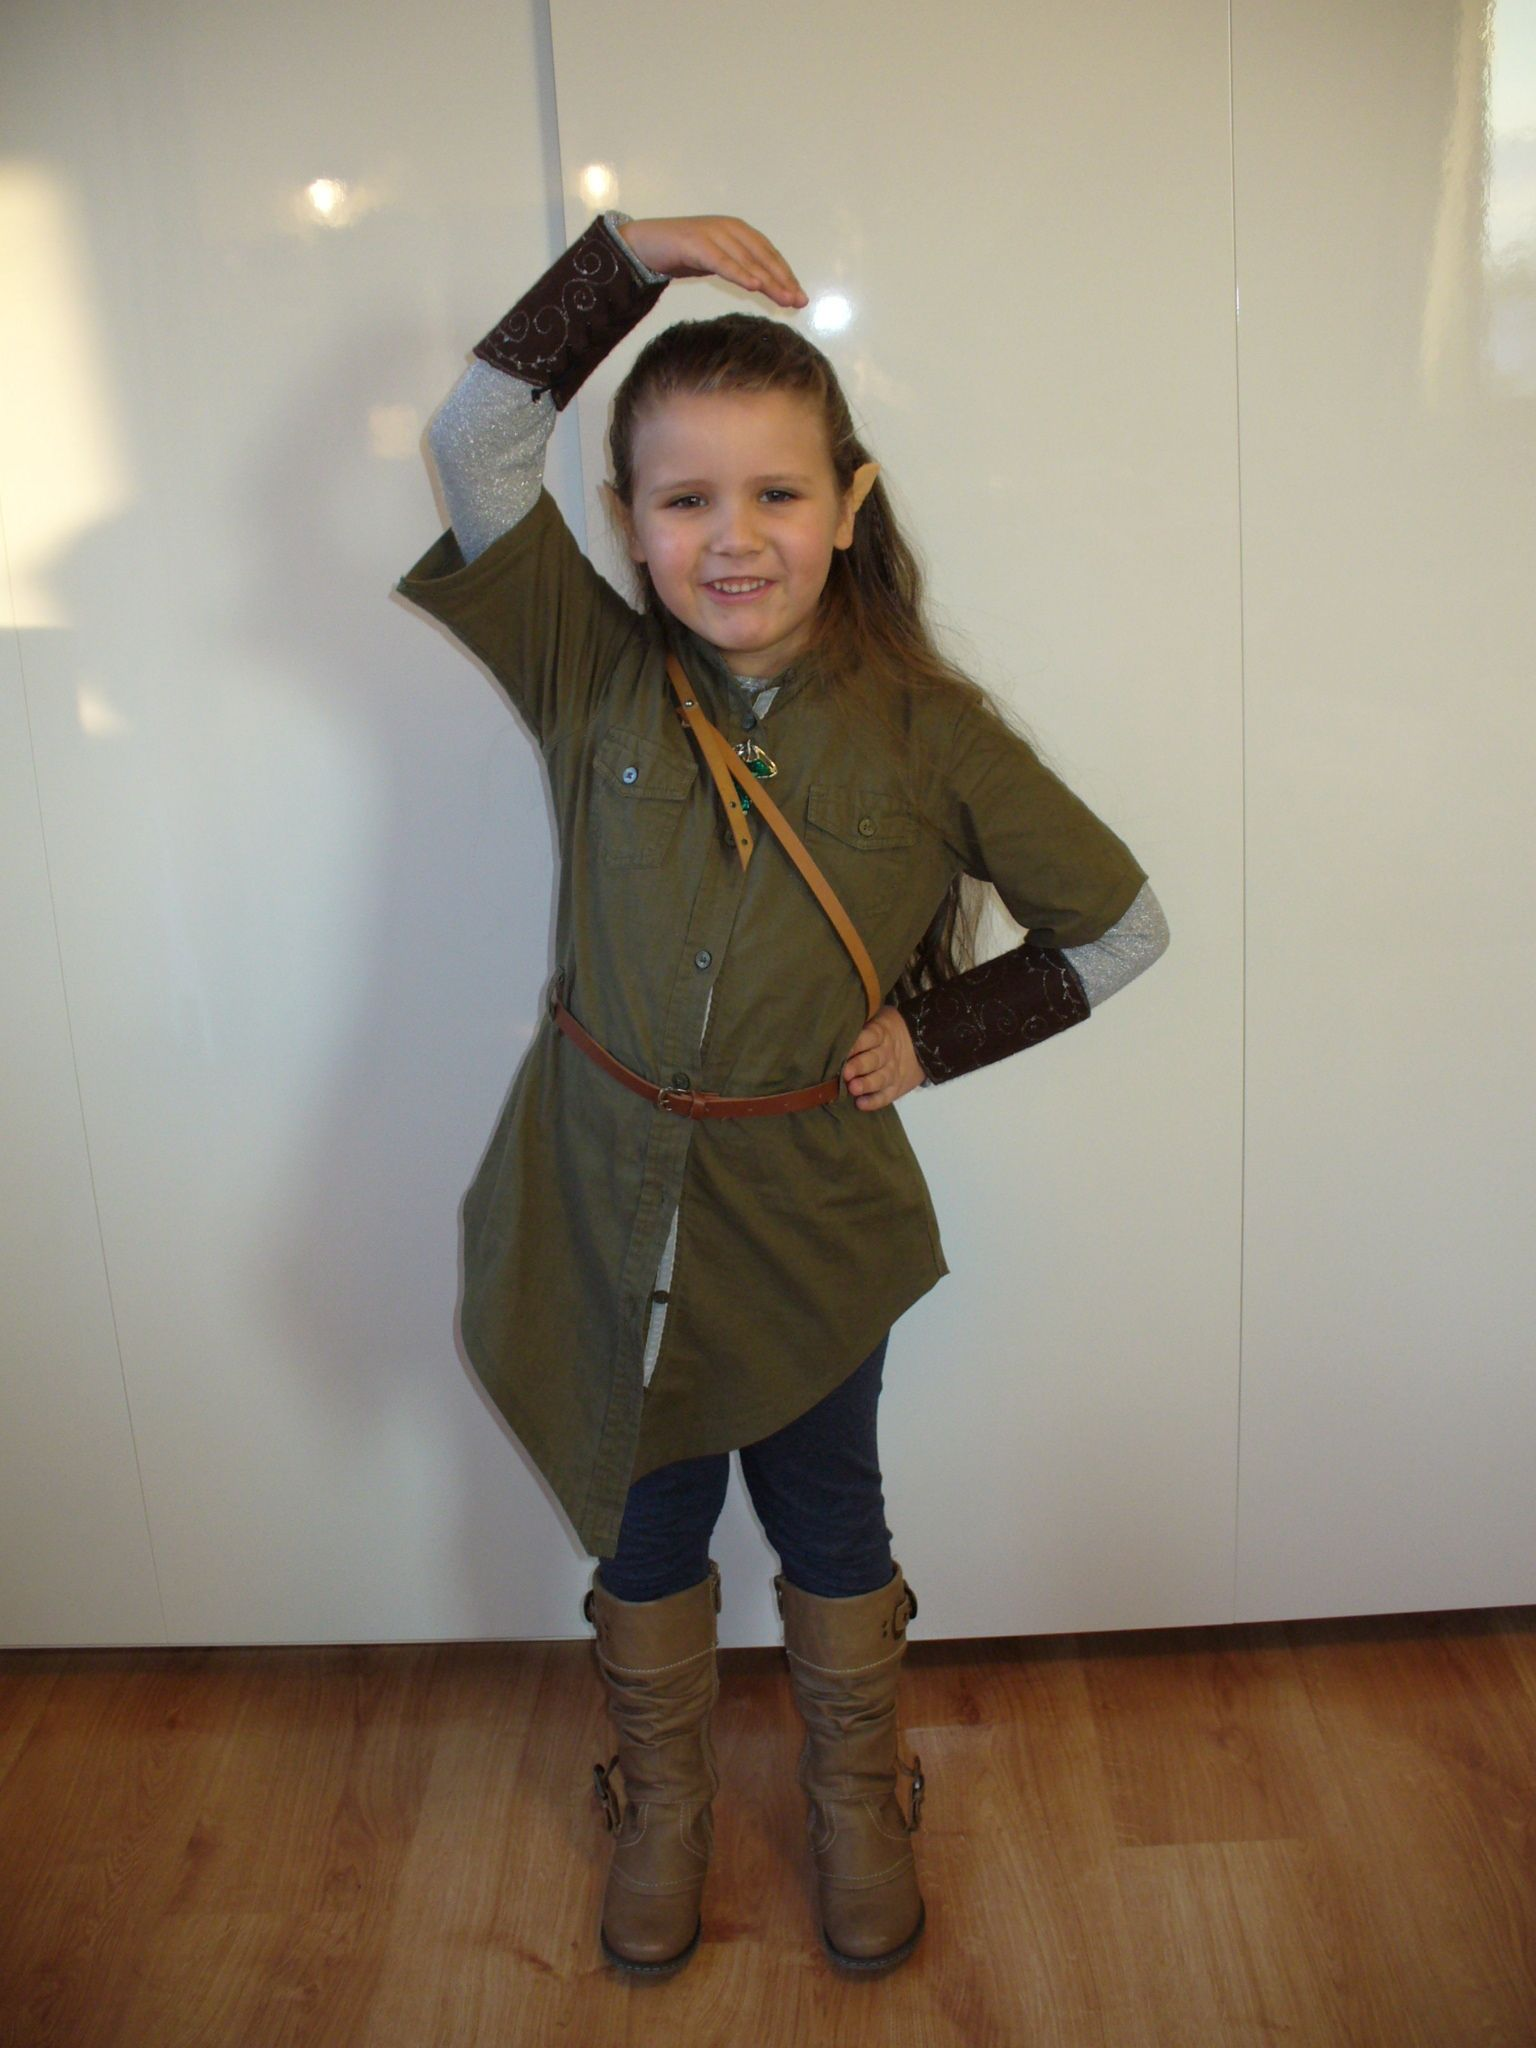 Legolas elf costume easy DIY cosplay   Legolas costume in 2019